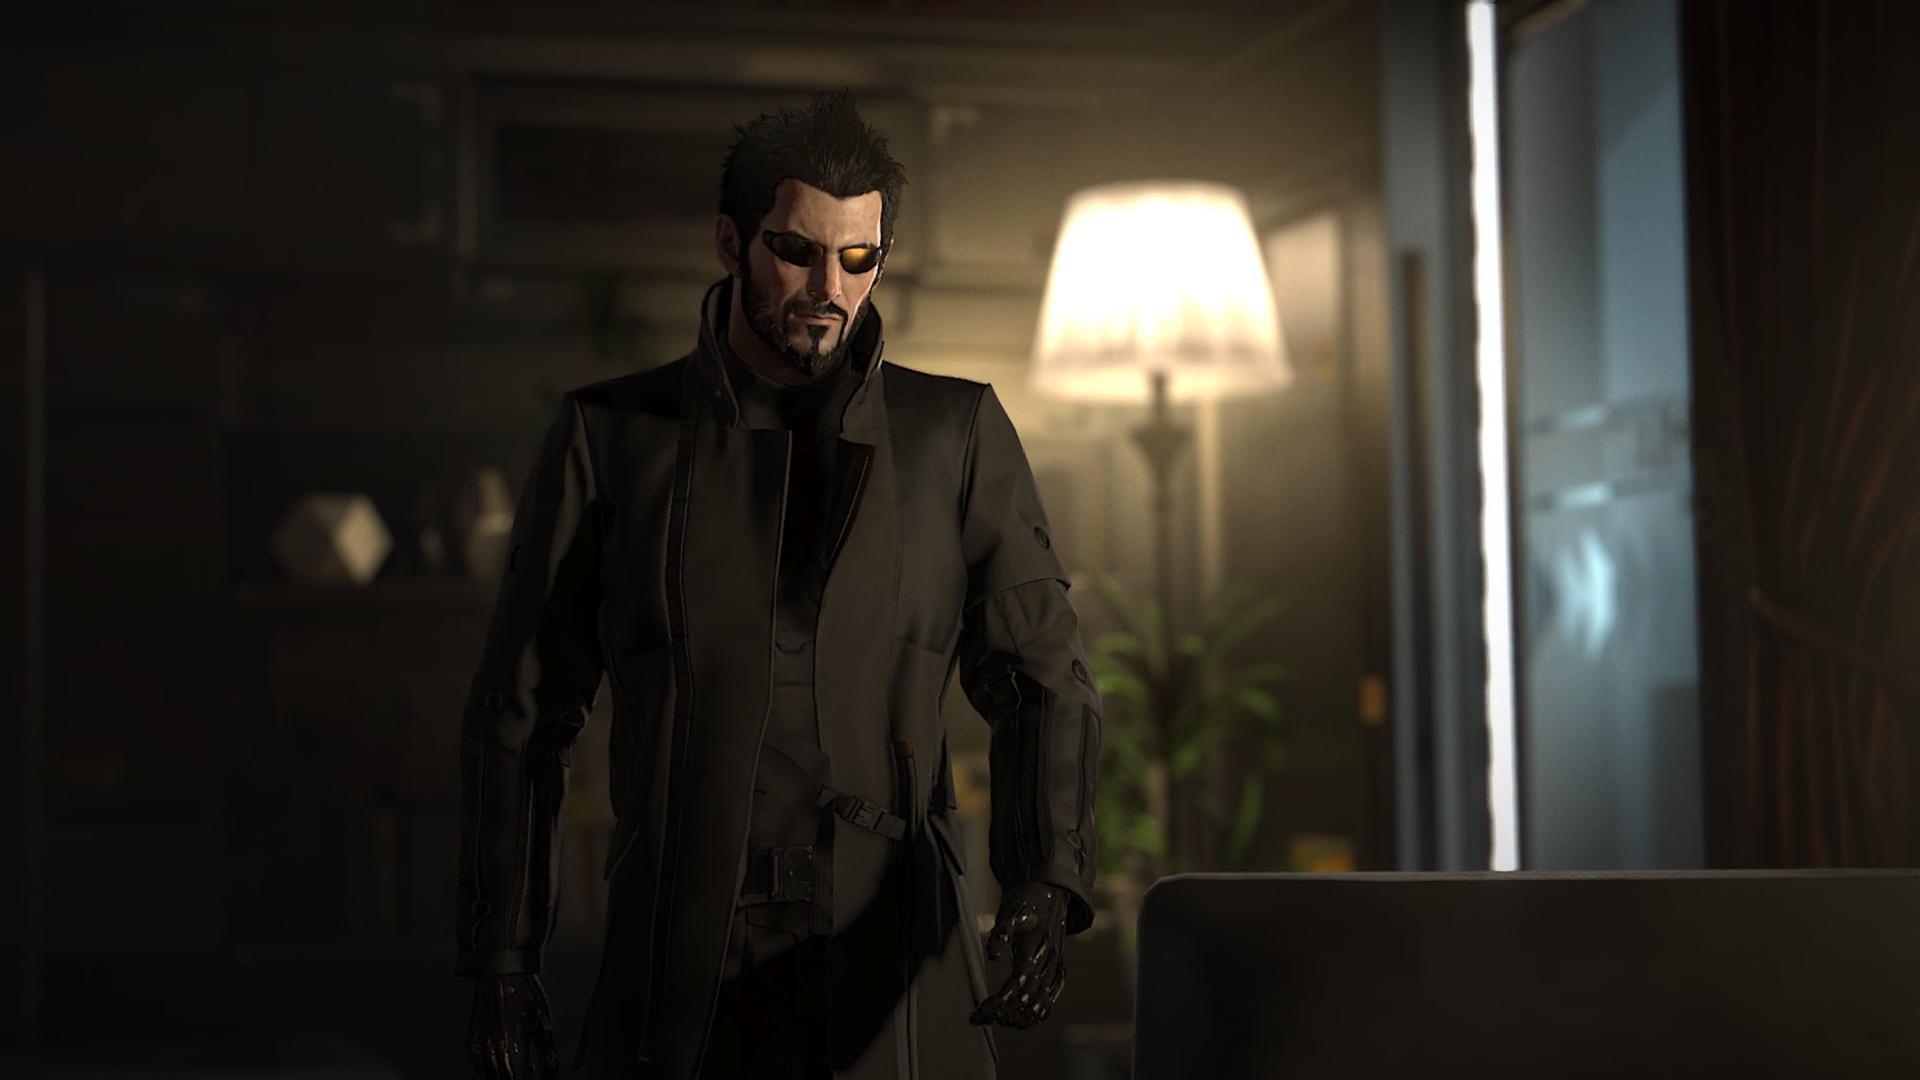 000325.Jpg - Deus Ex: Mankind Divided